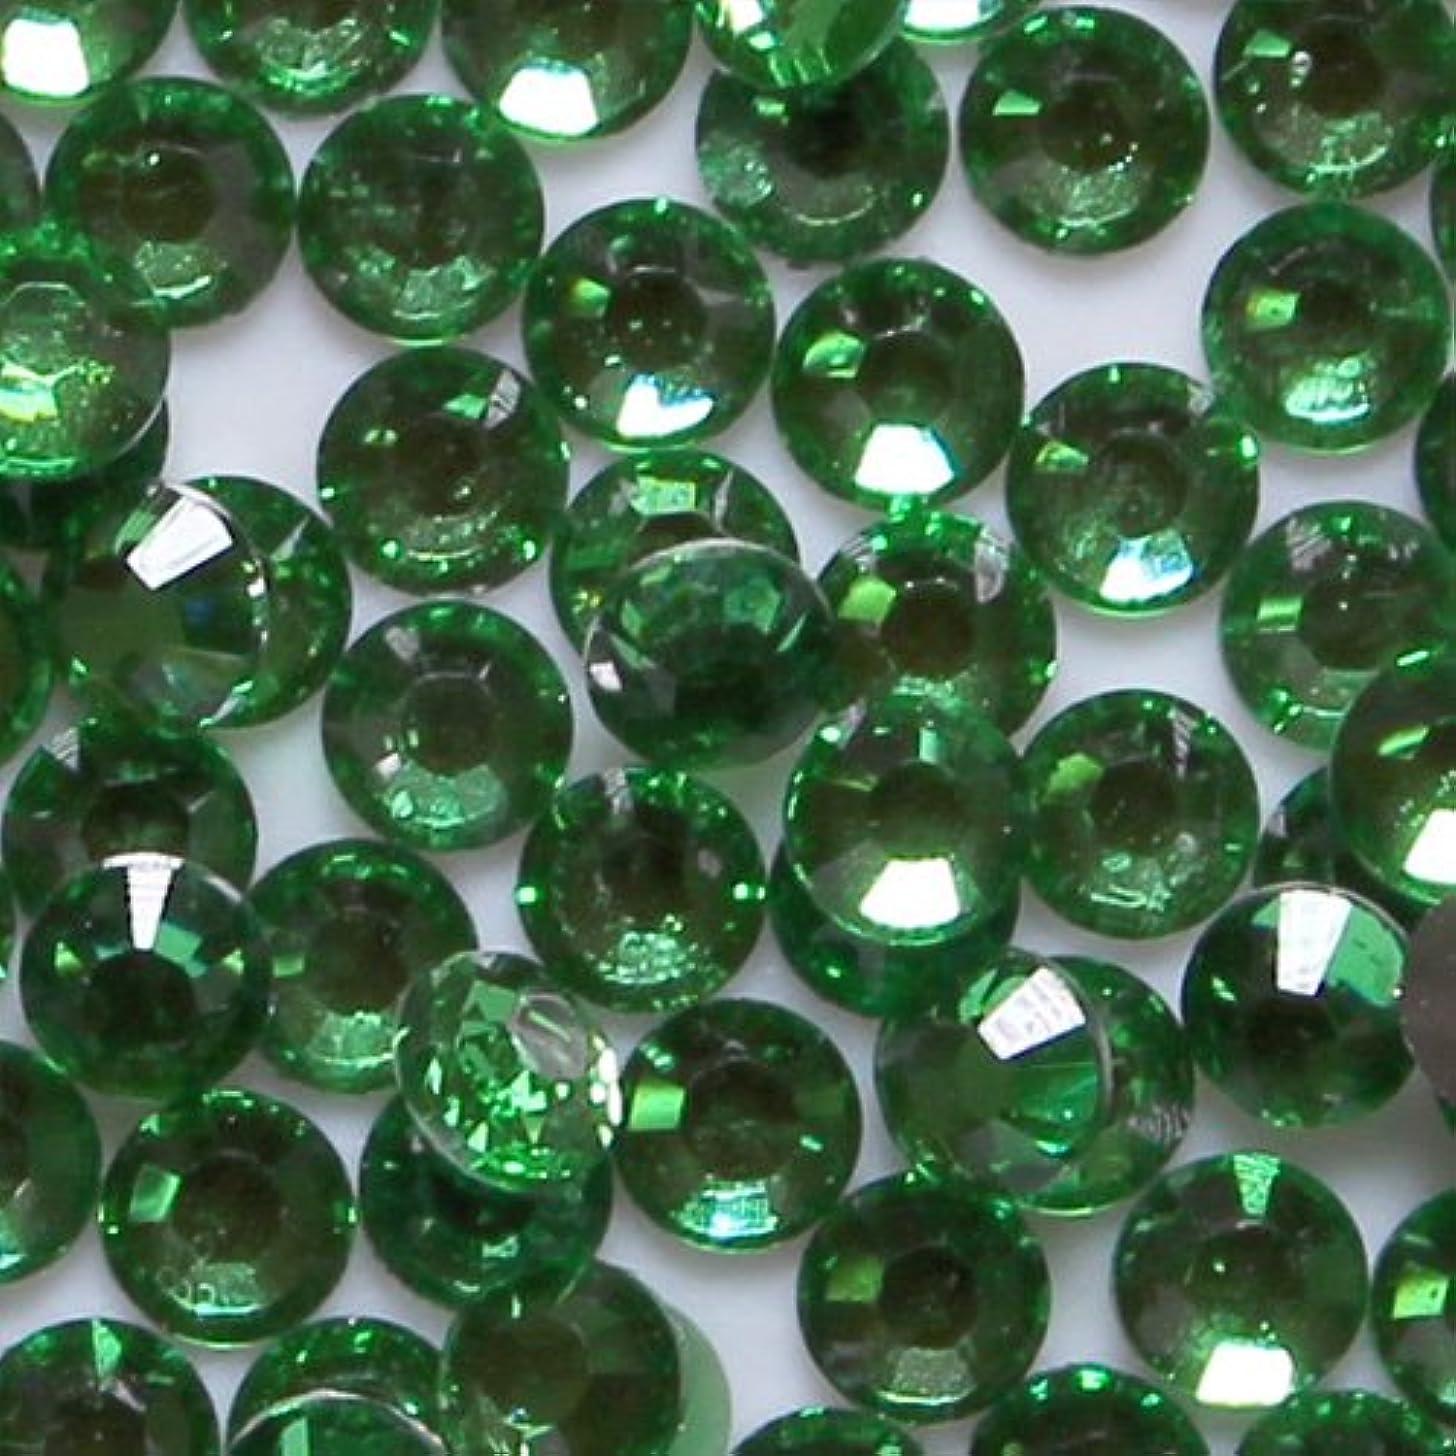 フレキシブル固有の句高品質 アクリルストーン ラインストーン ラウンドフラット 約1000粒入り 3mm グリーントルマリン